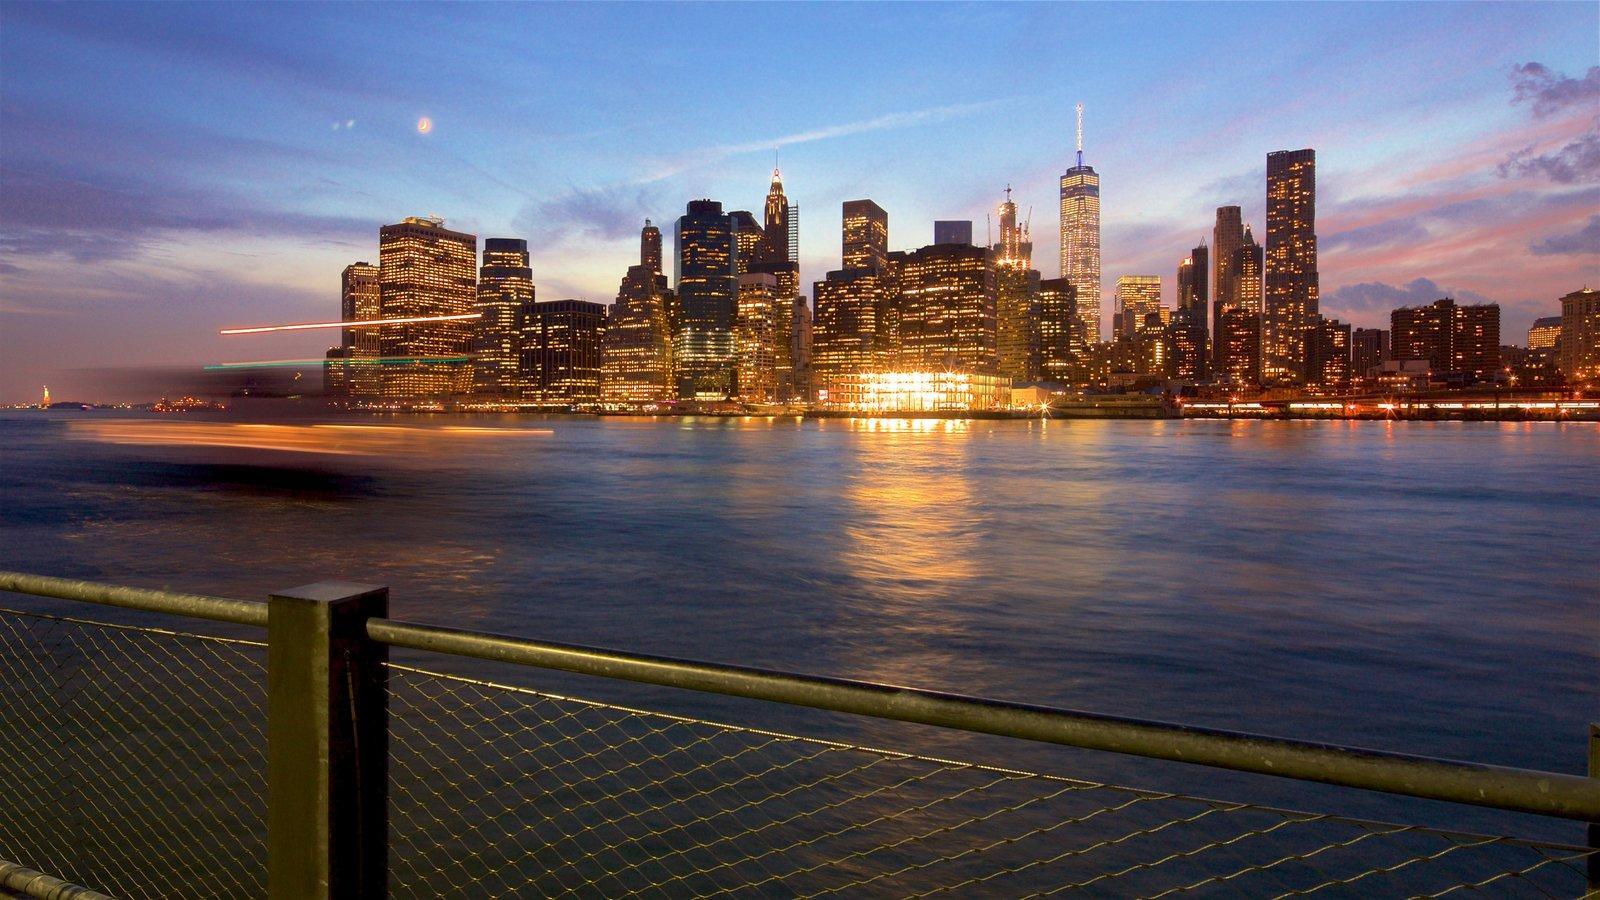 Brooklyn Heights Promenade caracterizando um pôr do sol, uma cidade e um rio ou córrego